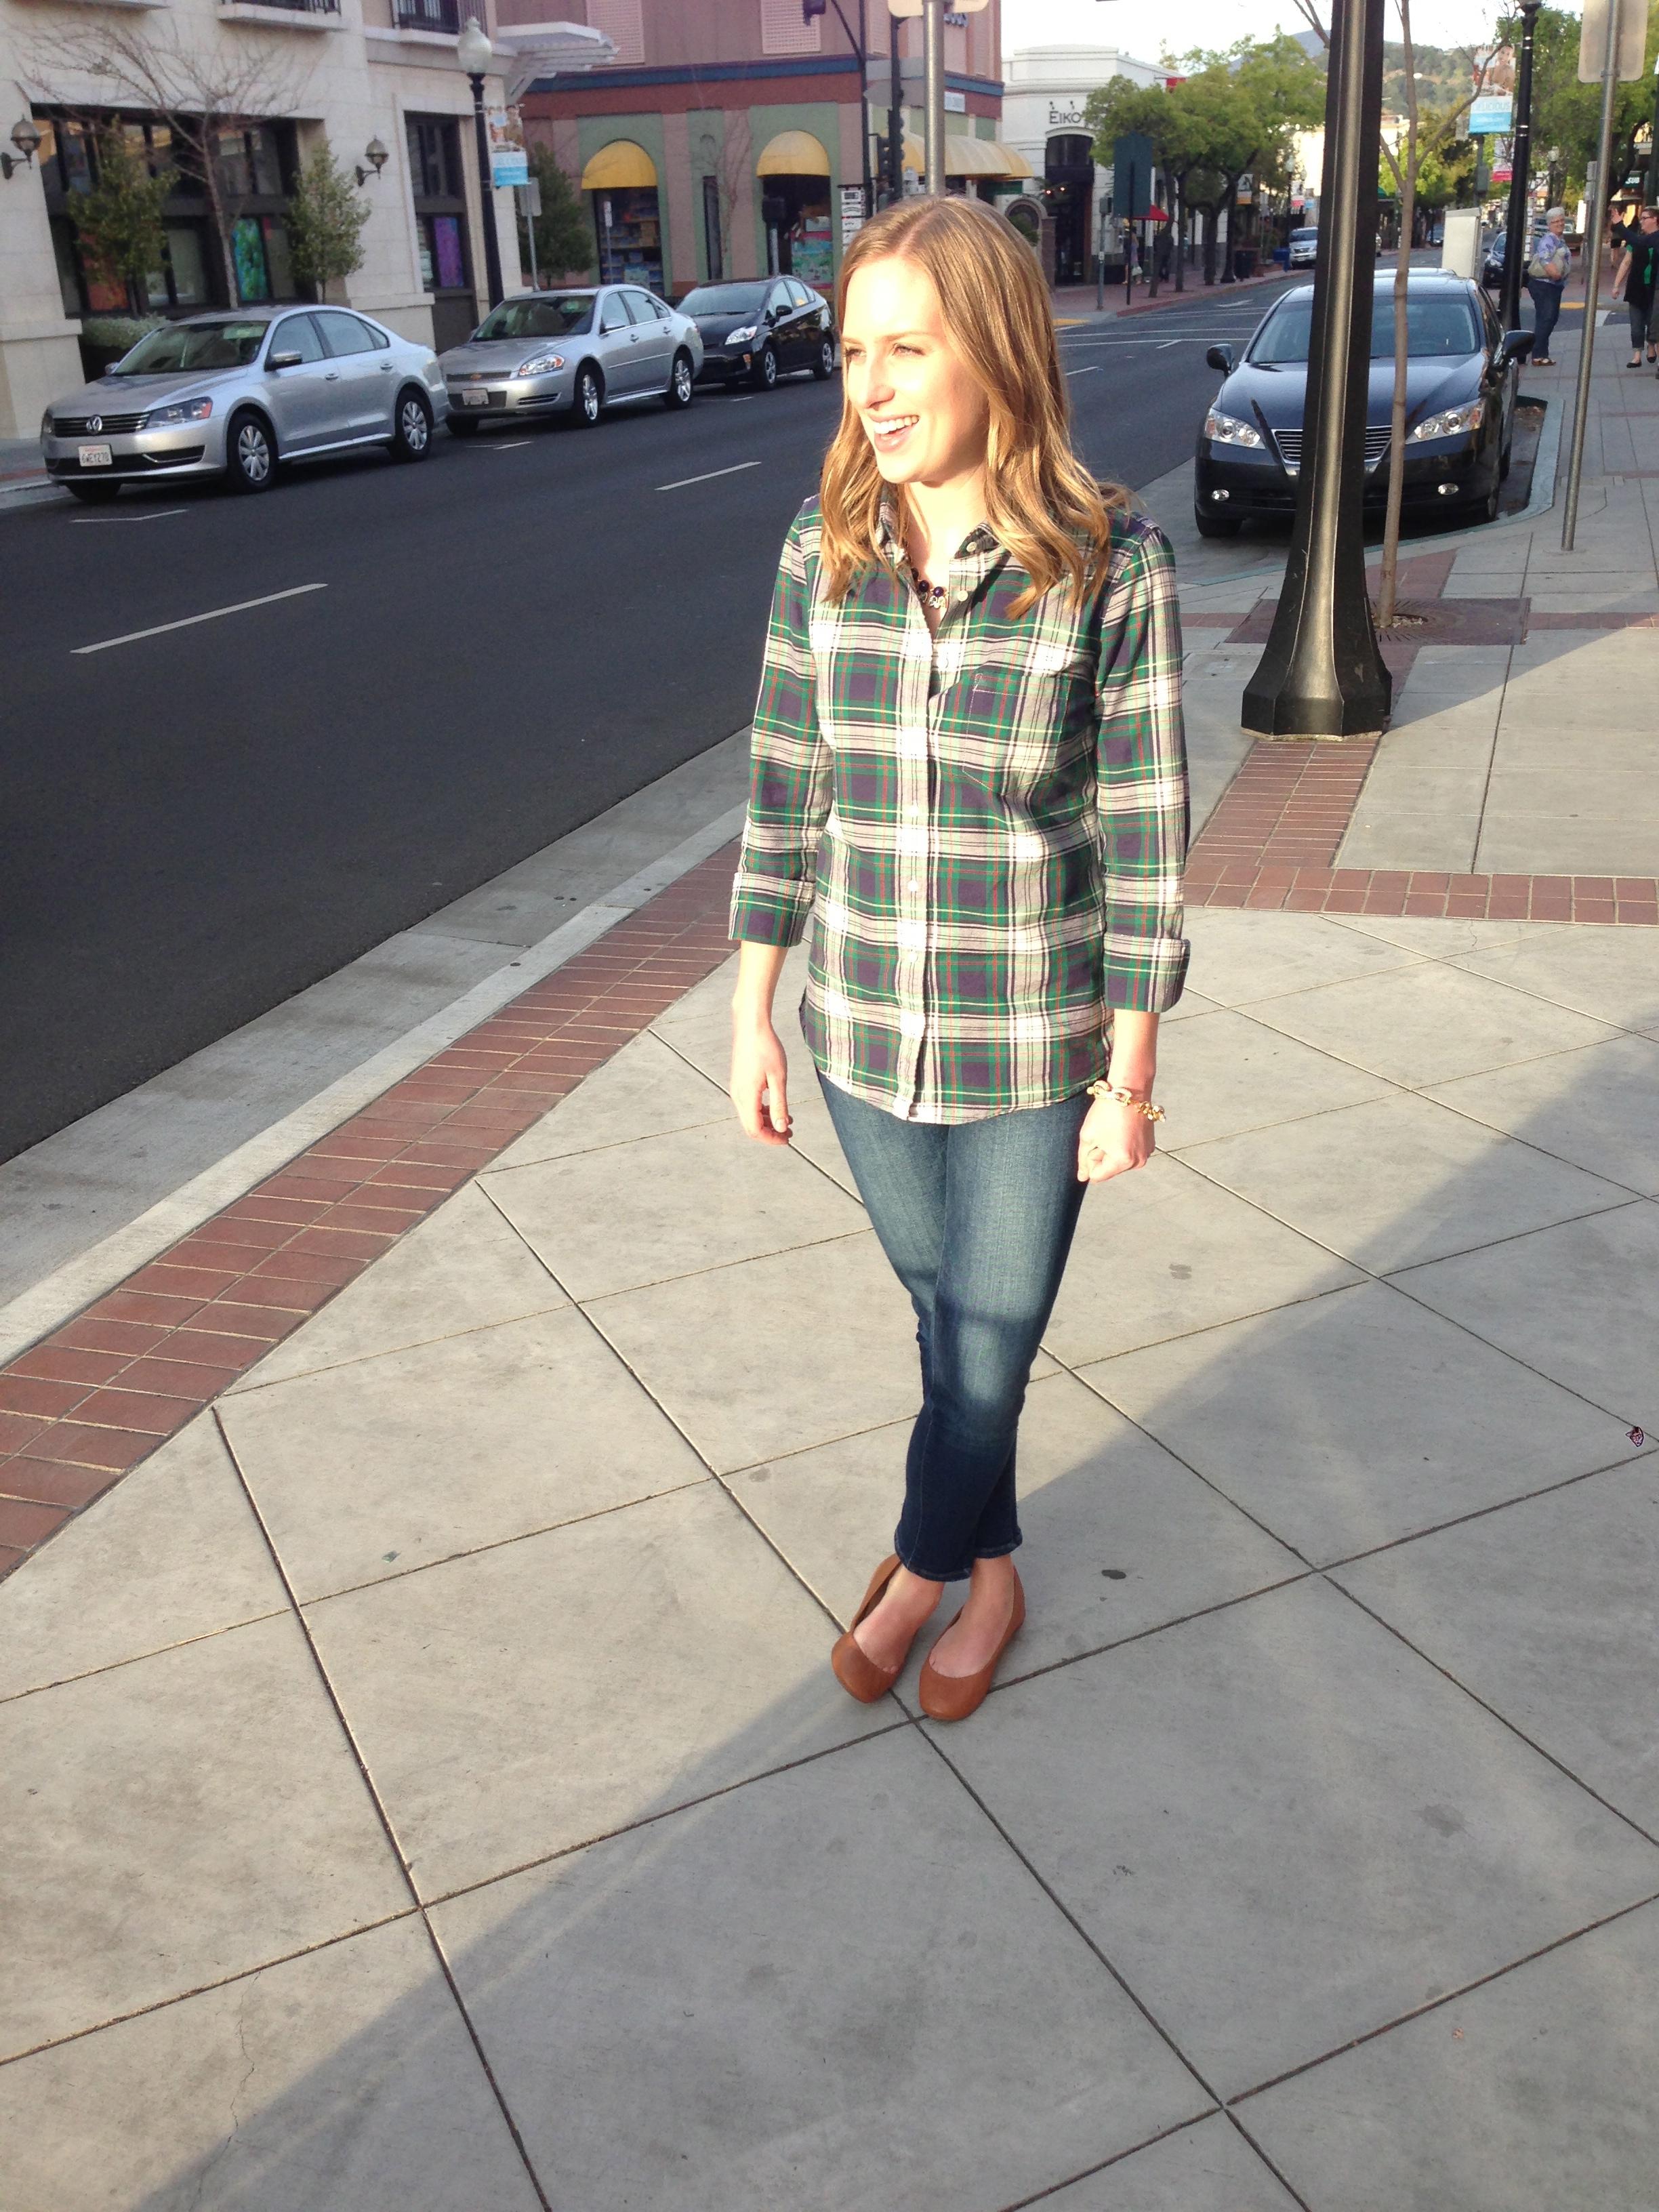 J. Crew shirt, Paige jeans, J, Crew flats, J. Crew necklace, J. Crew bracelet